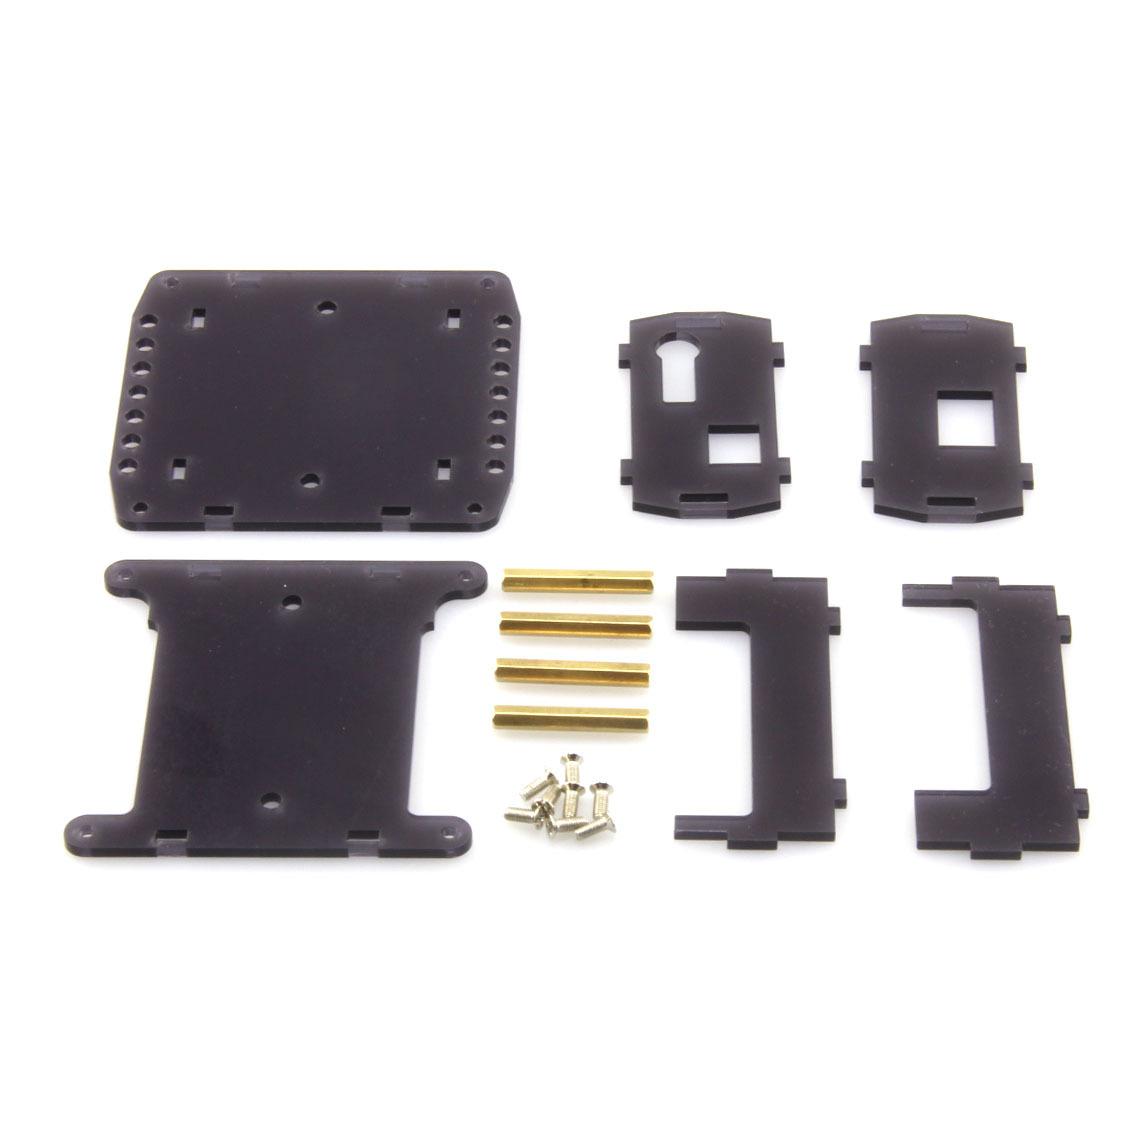 Advanced Electronic Kit